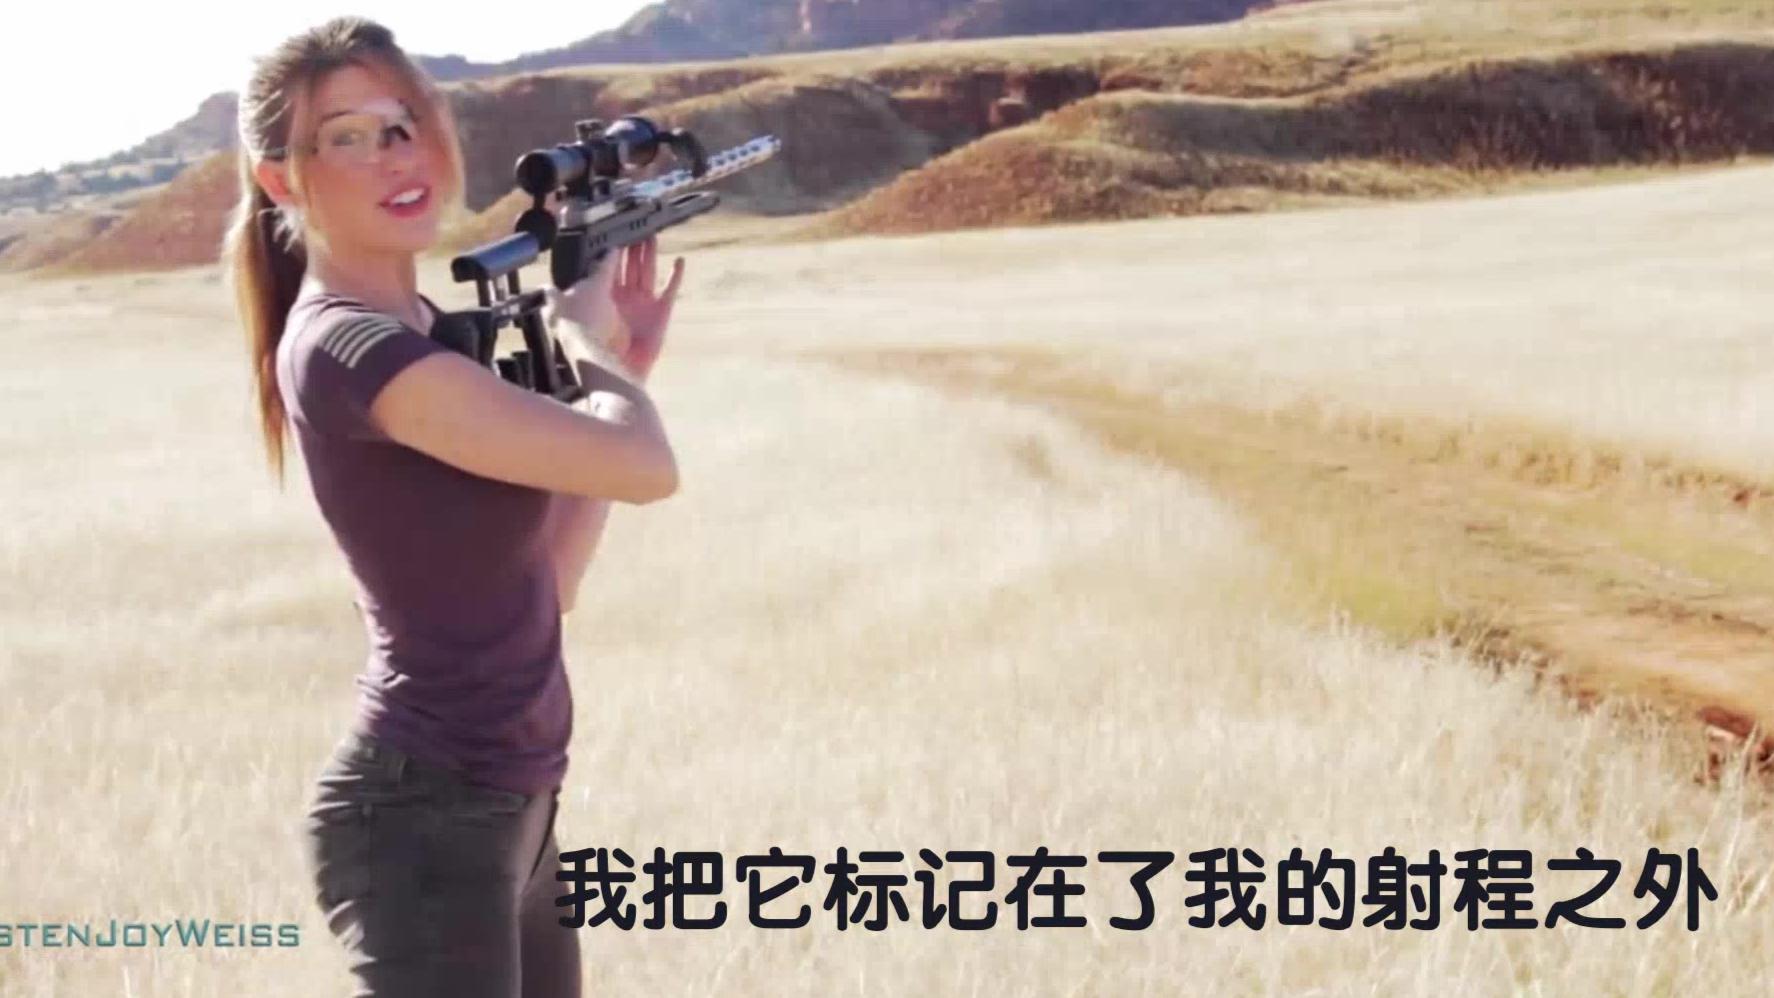 美女和枪——.22LR极限射程300yard射一枚鸡蛋【熟肉】【油管搬运】